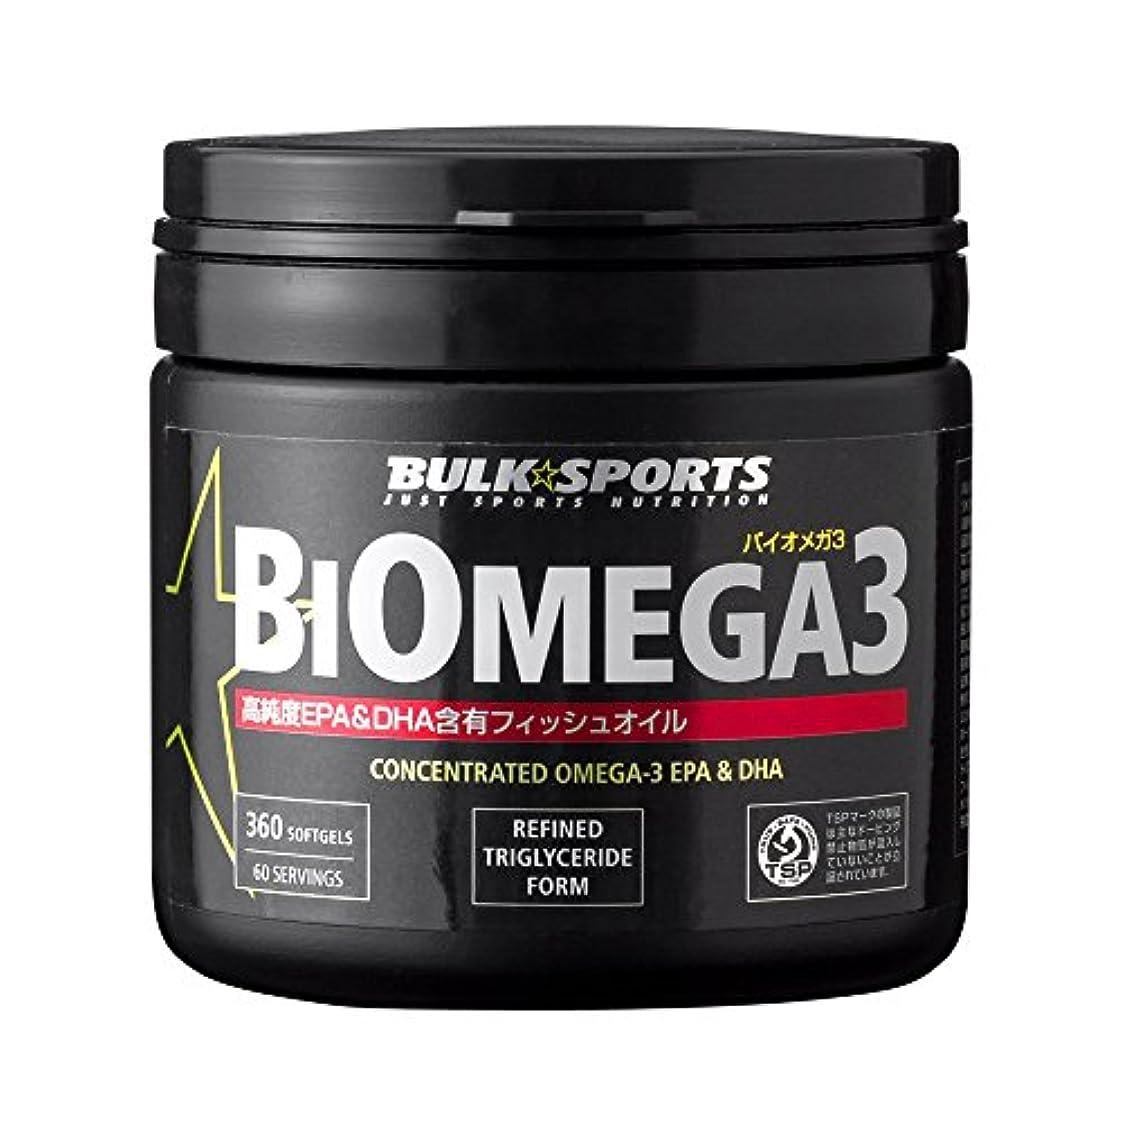 健康生きるミシン目バルクスポーツ バイオメガ3 EPA&DHA含有フィッシュオイル 360ソフトジェルカプセル